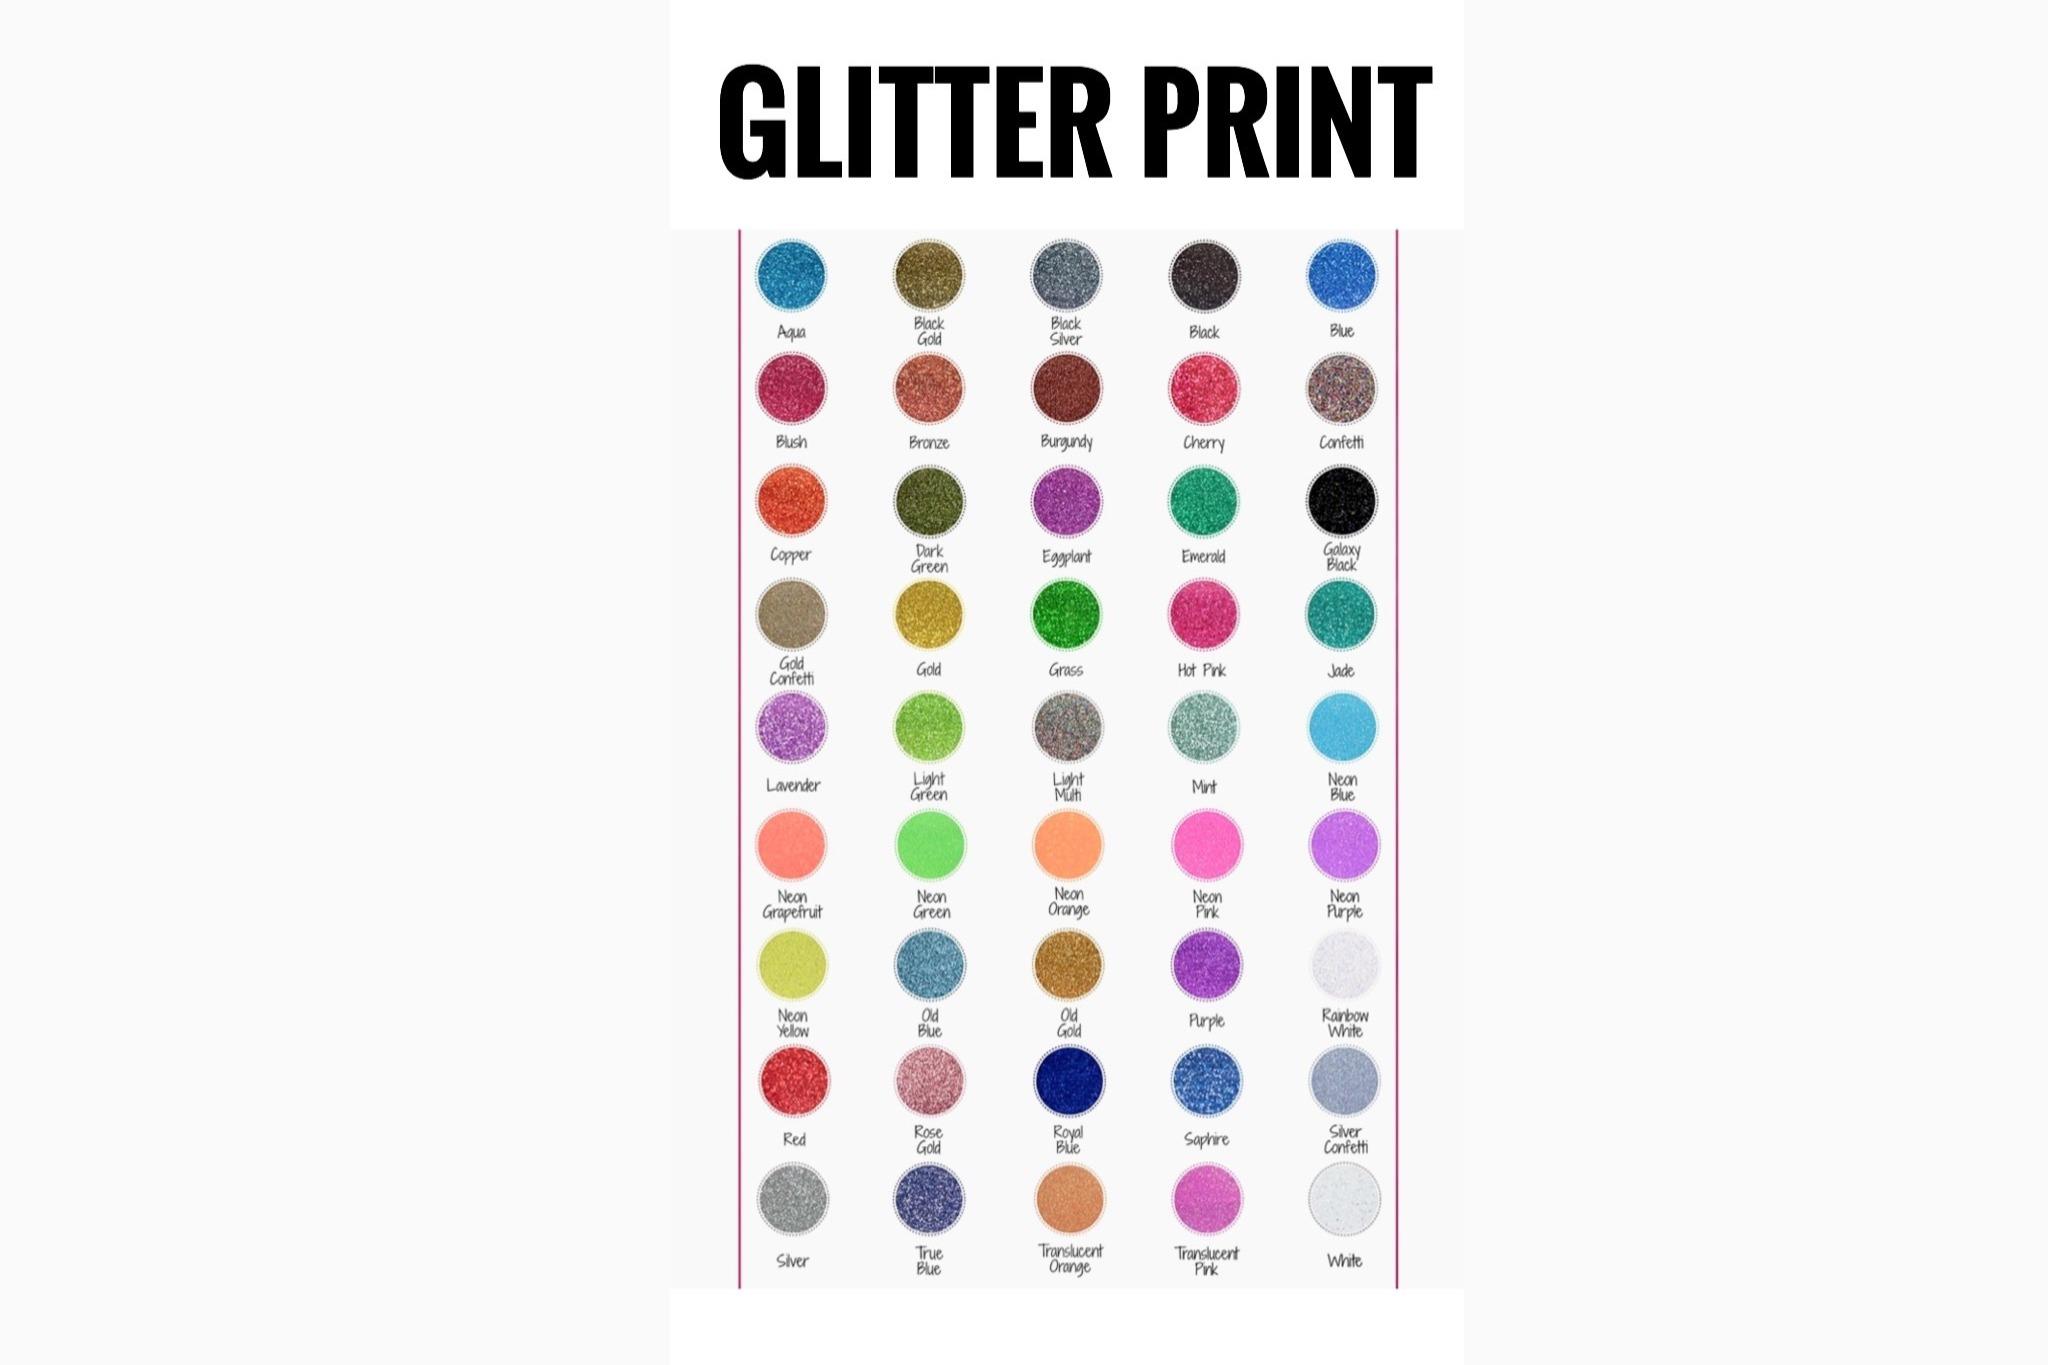 GLITTER PRINT CHART